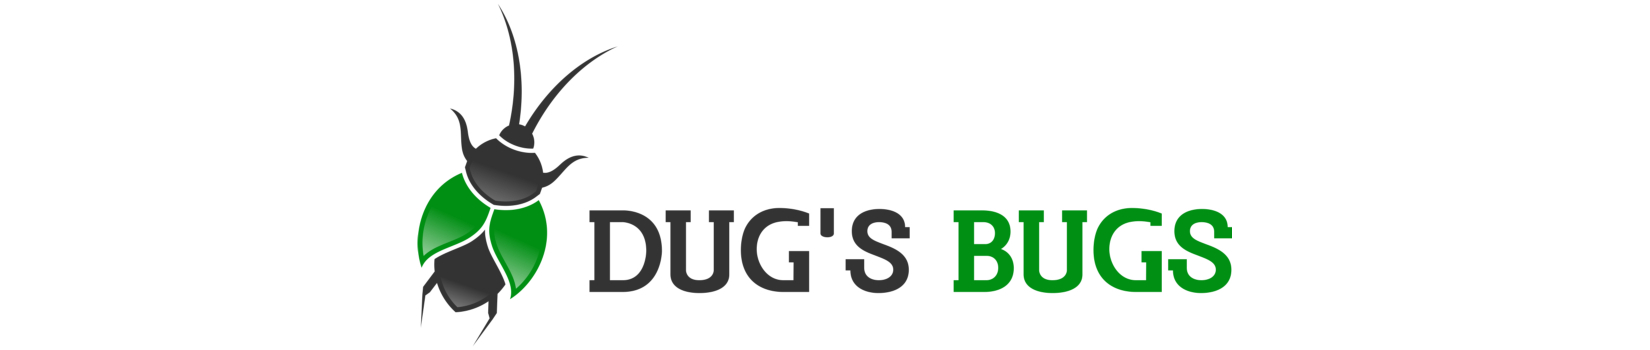 Dugs Bugs